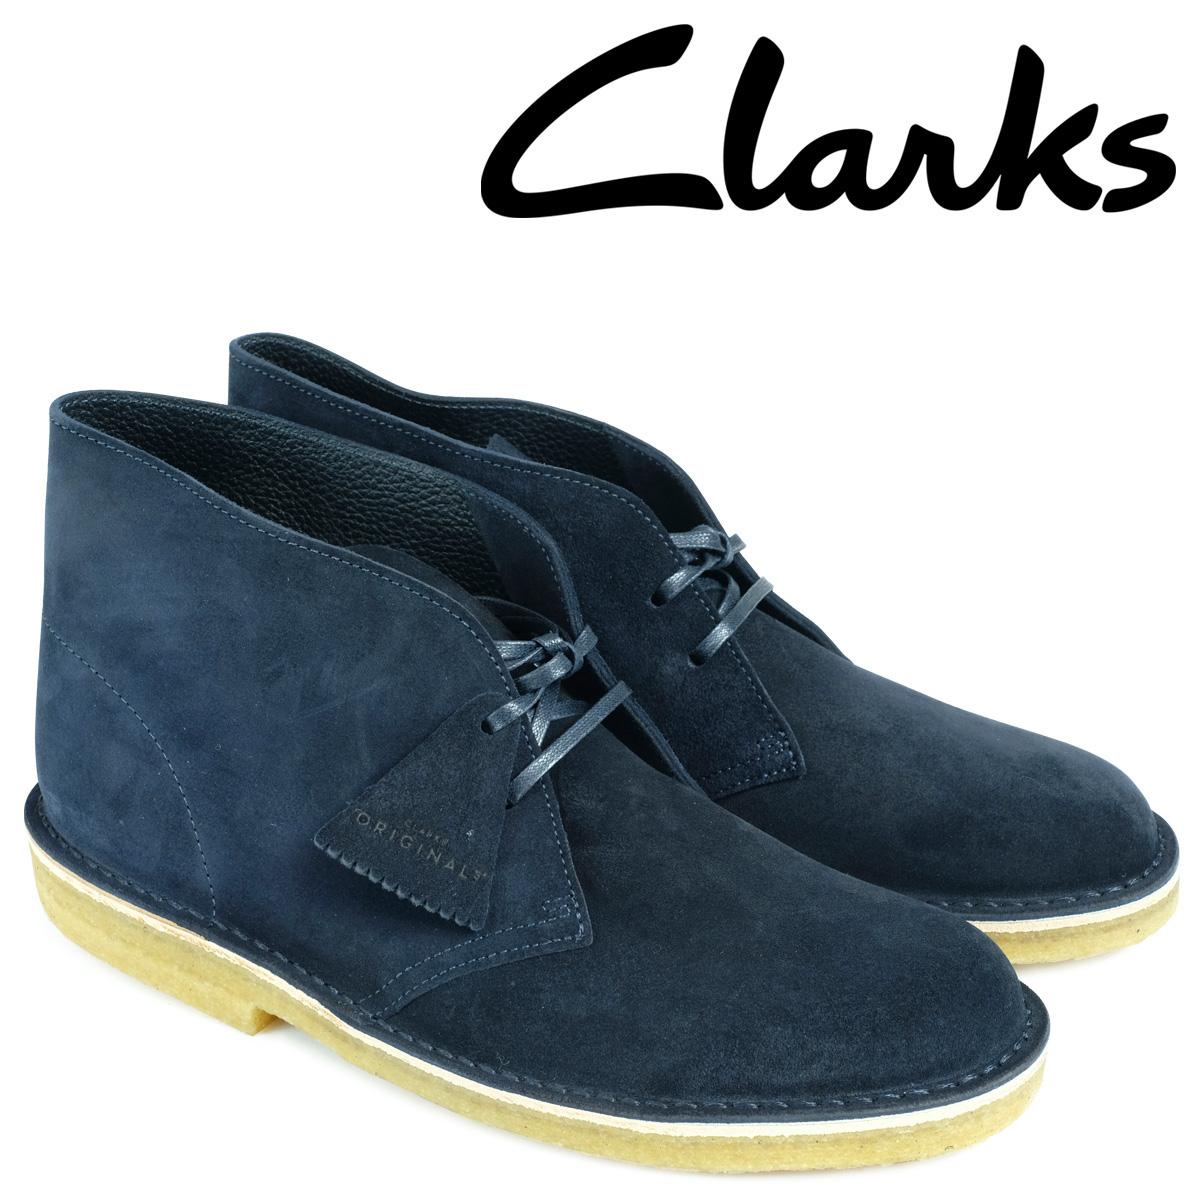 クラークス デザートブーツ メンズ Clarks DESERT BOOT 26130007 レザー ダークブルー